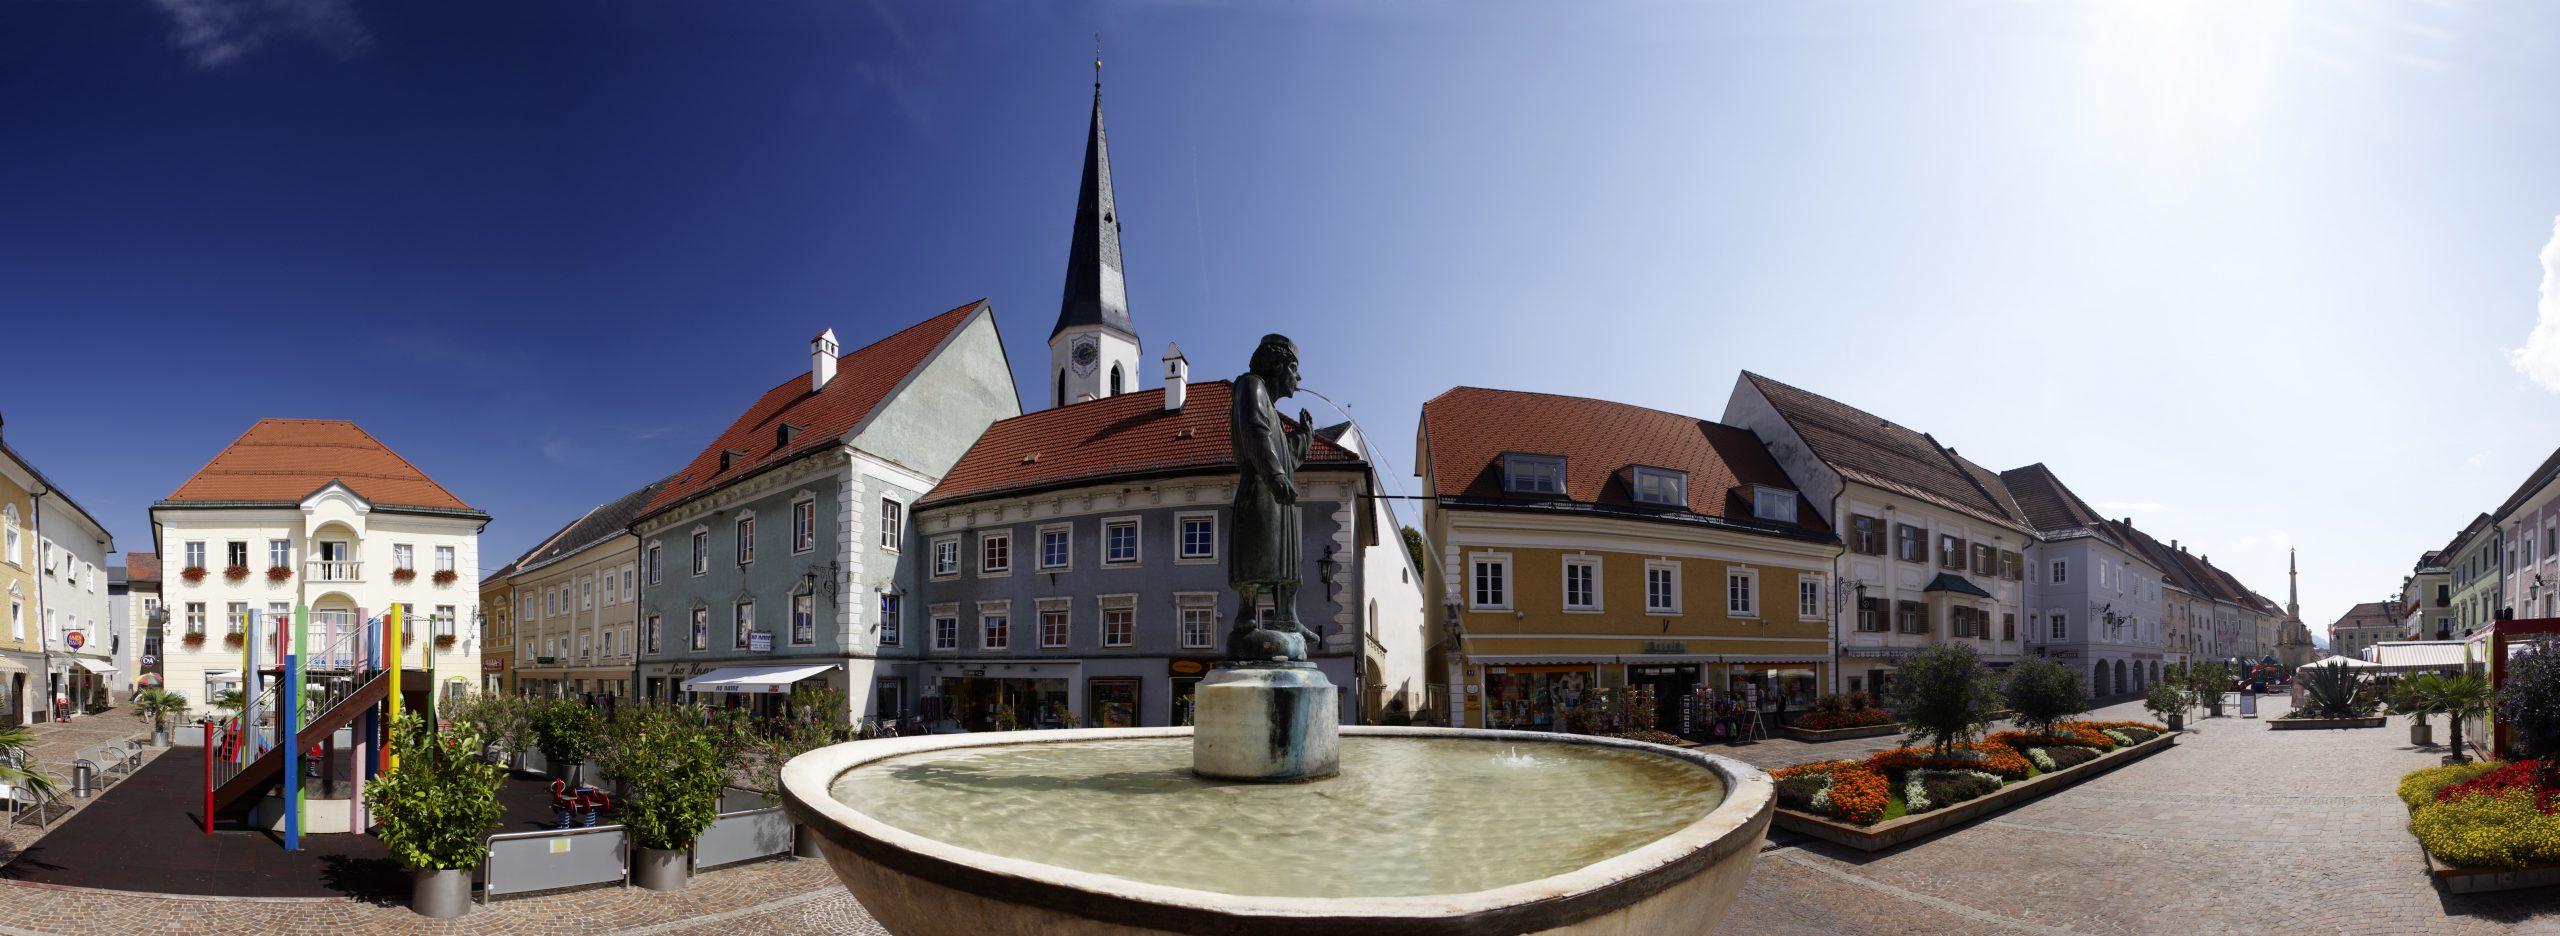 prachtvoller Hauptplatz in St. Veit lädt Radfahrer zum Bummeln ein